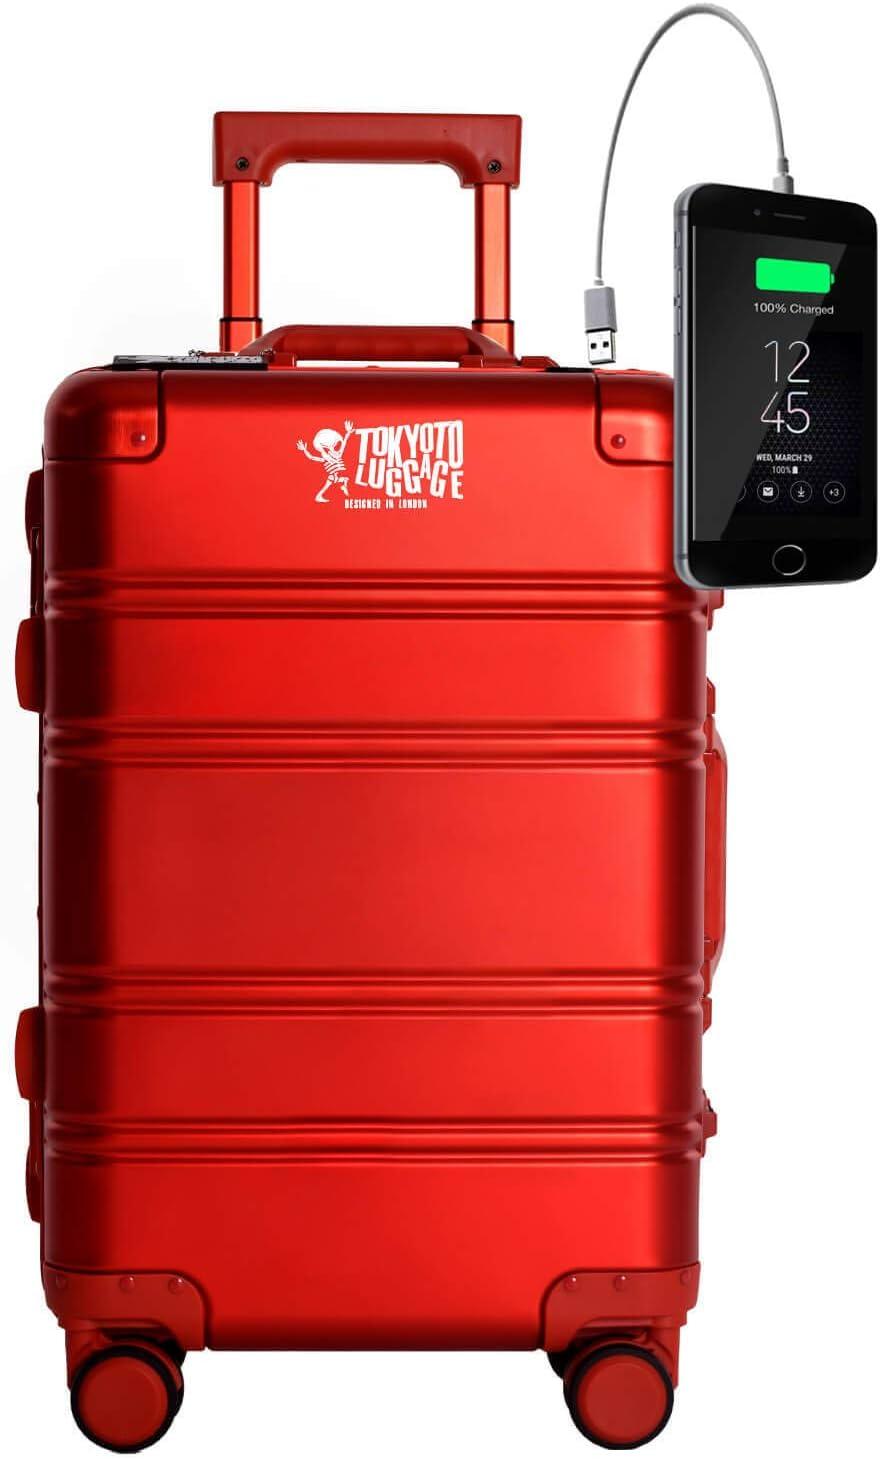 TOKYOTO - Maleta de Cabina 100% Aluminio Puro Metálica Juvenil Ultraligera Equipaje de Mano con Cargador USB, 80000mAh, 55x40x20 cm | Trolley de Viaje Ryanair, Easyjet | Rígida Red Logo